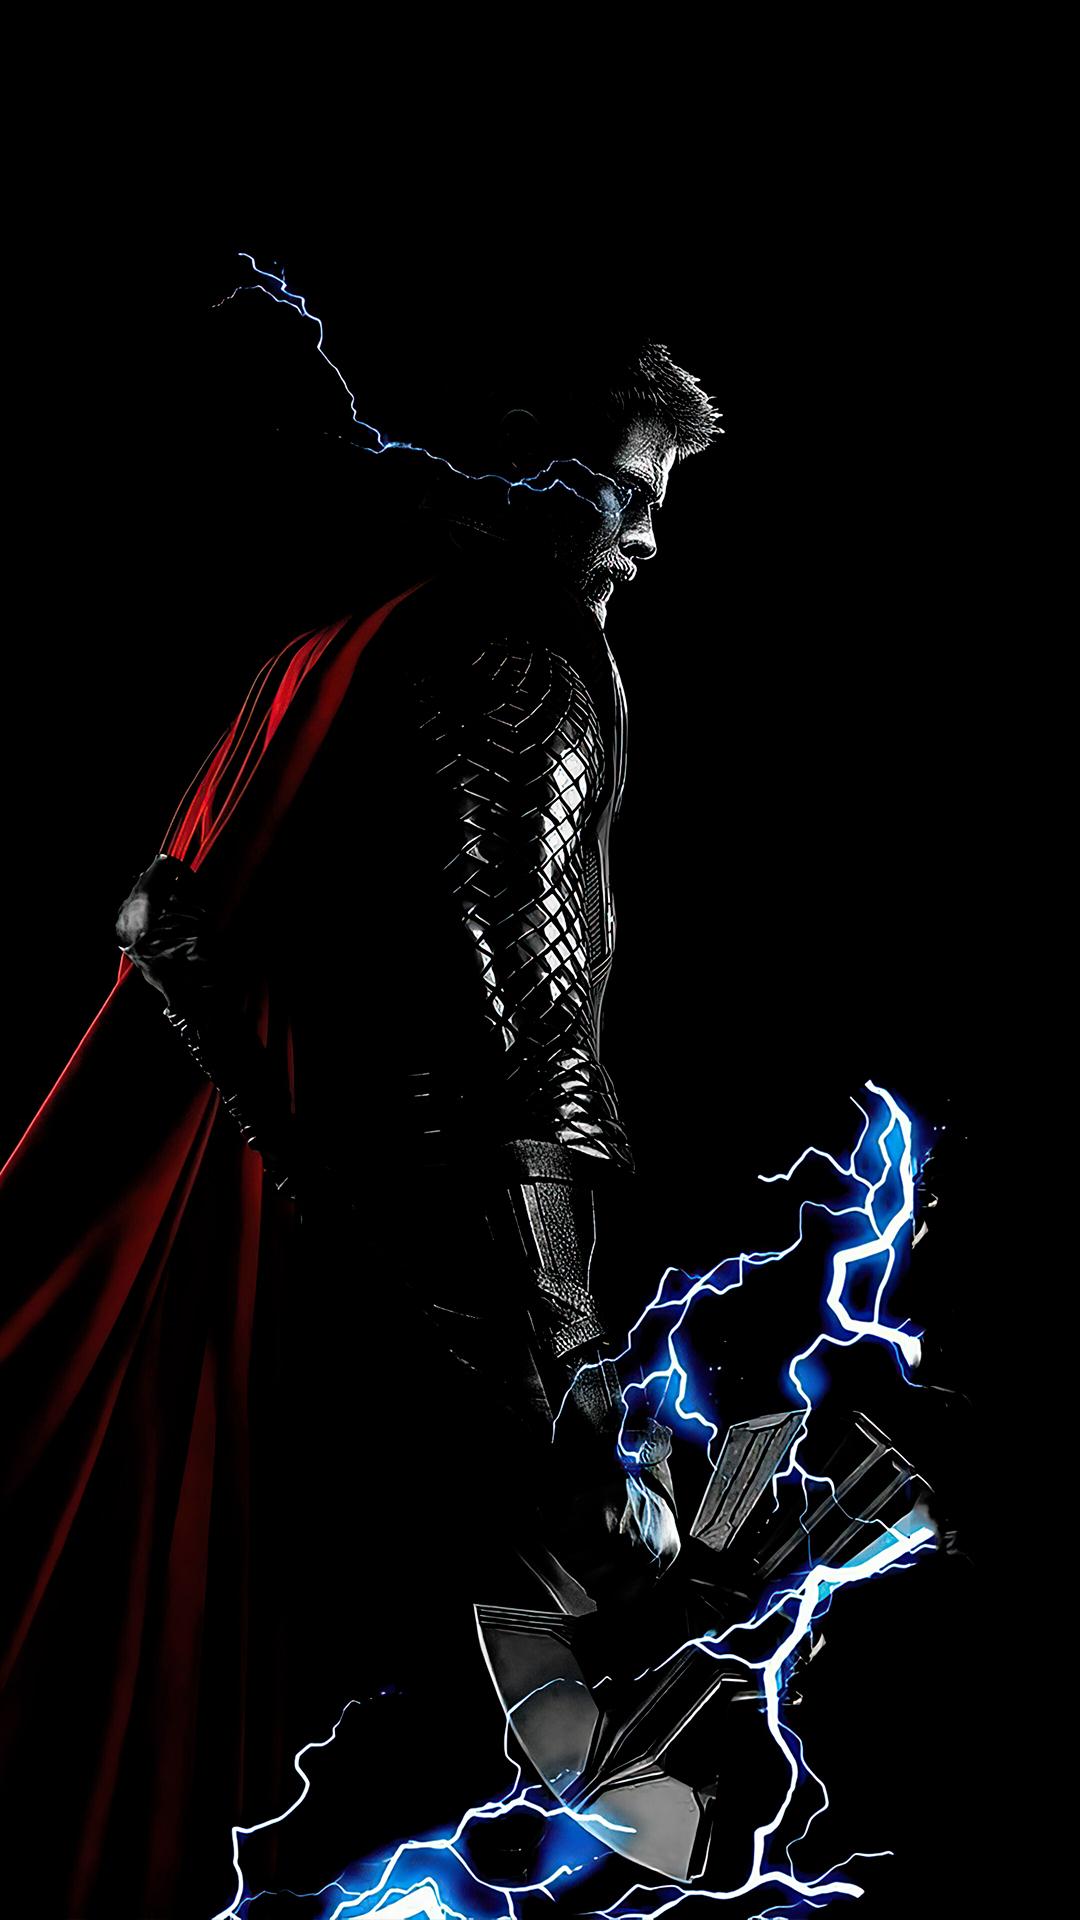 Thor Lightning Stormbreaker Axe wallpaper black amoled